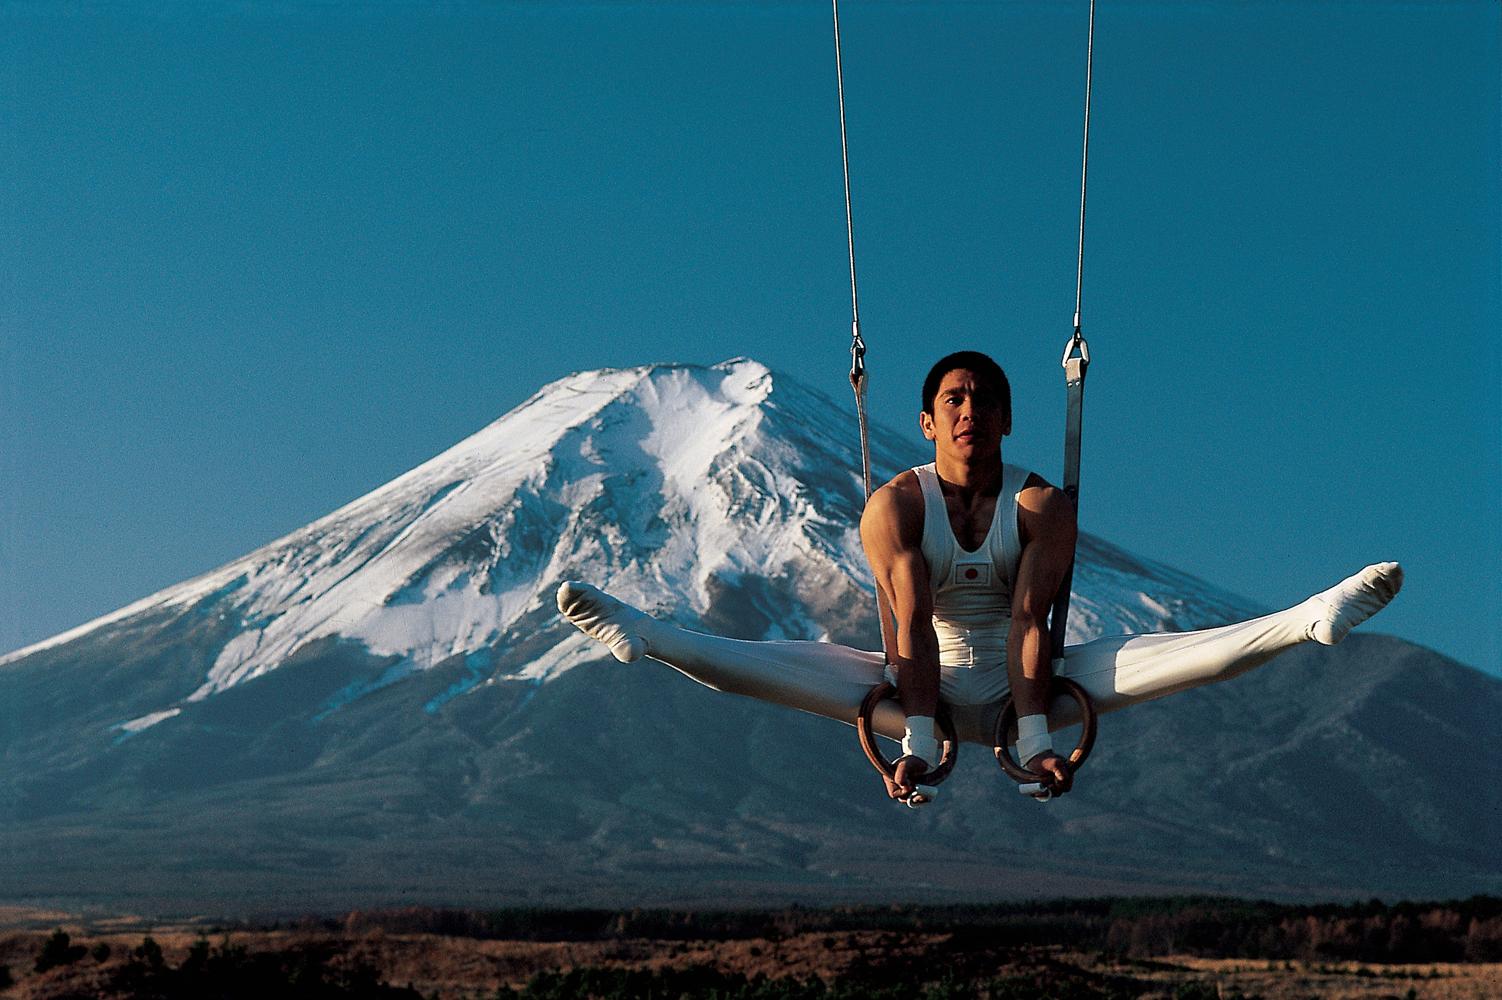 Koji Gushiken on rings in front of Mount Fuji, Japan.